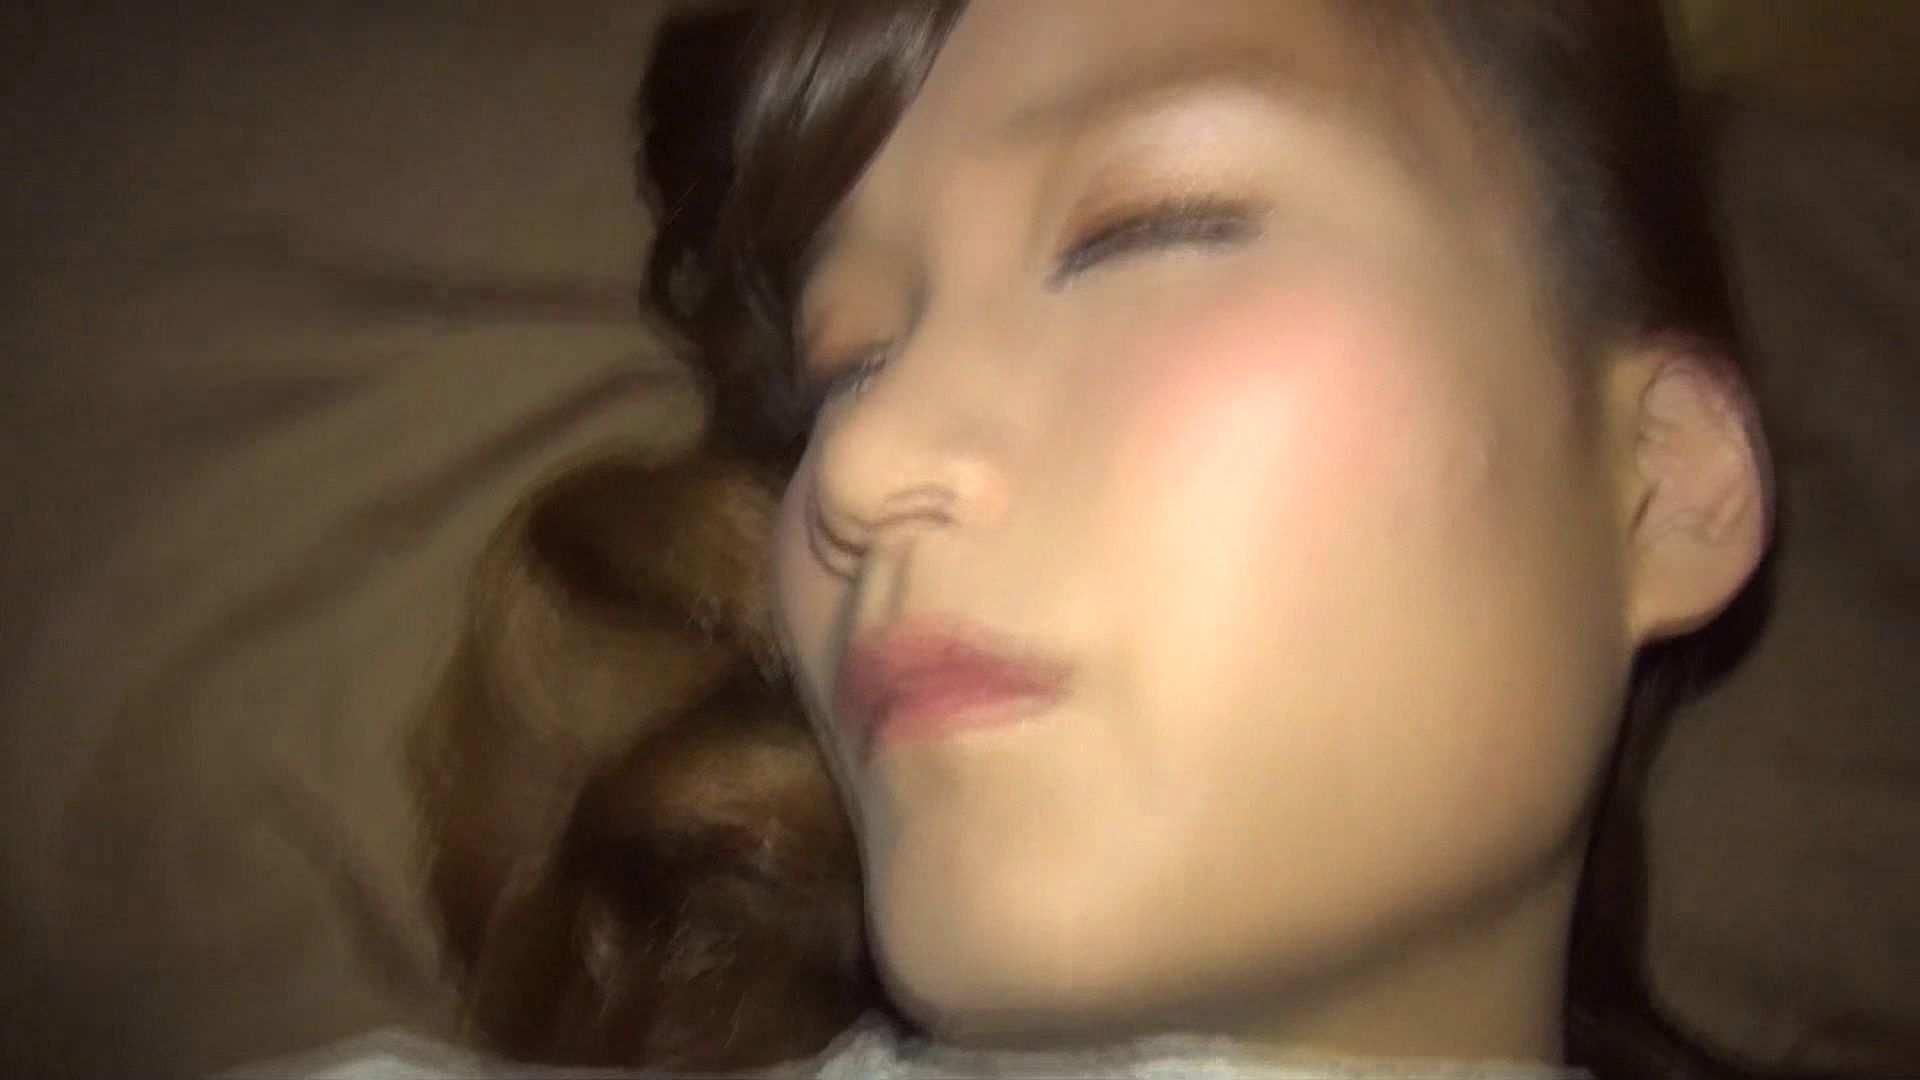 変態ギャル姫のH Vol.10 後編 S級美女ギャル ヌード画像 83画像 51